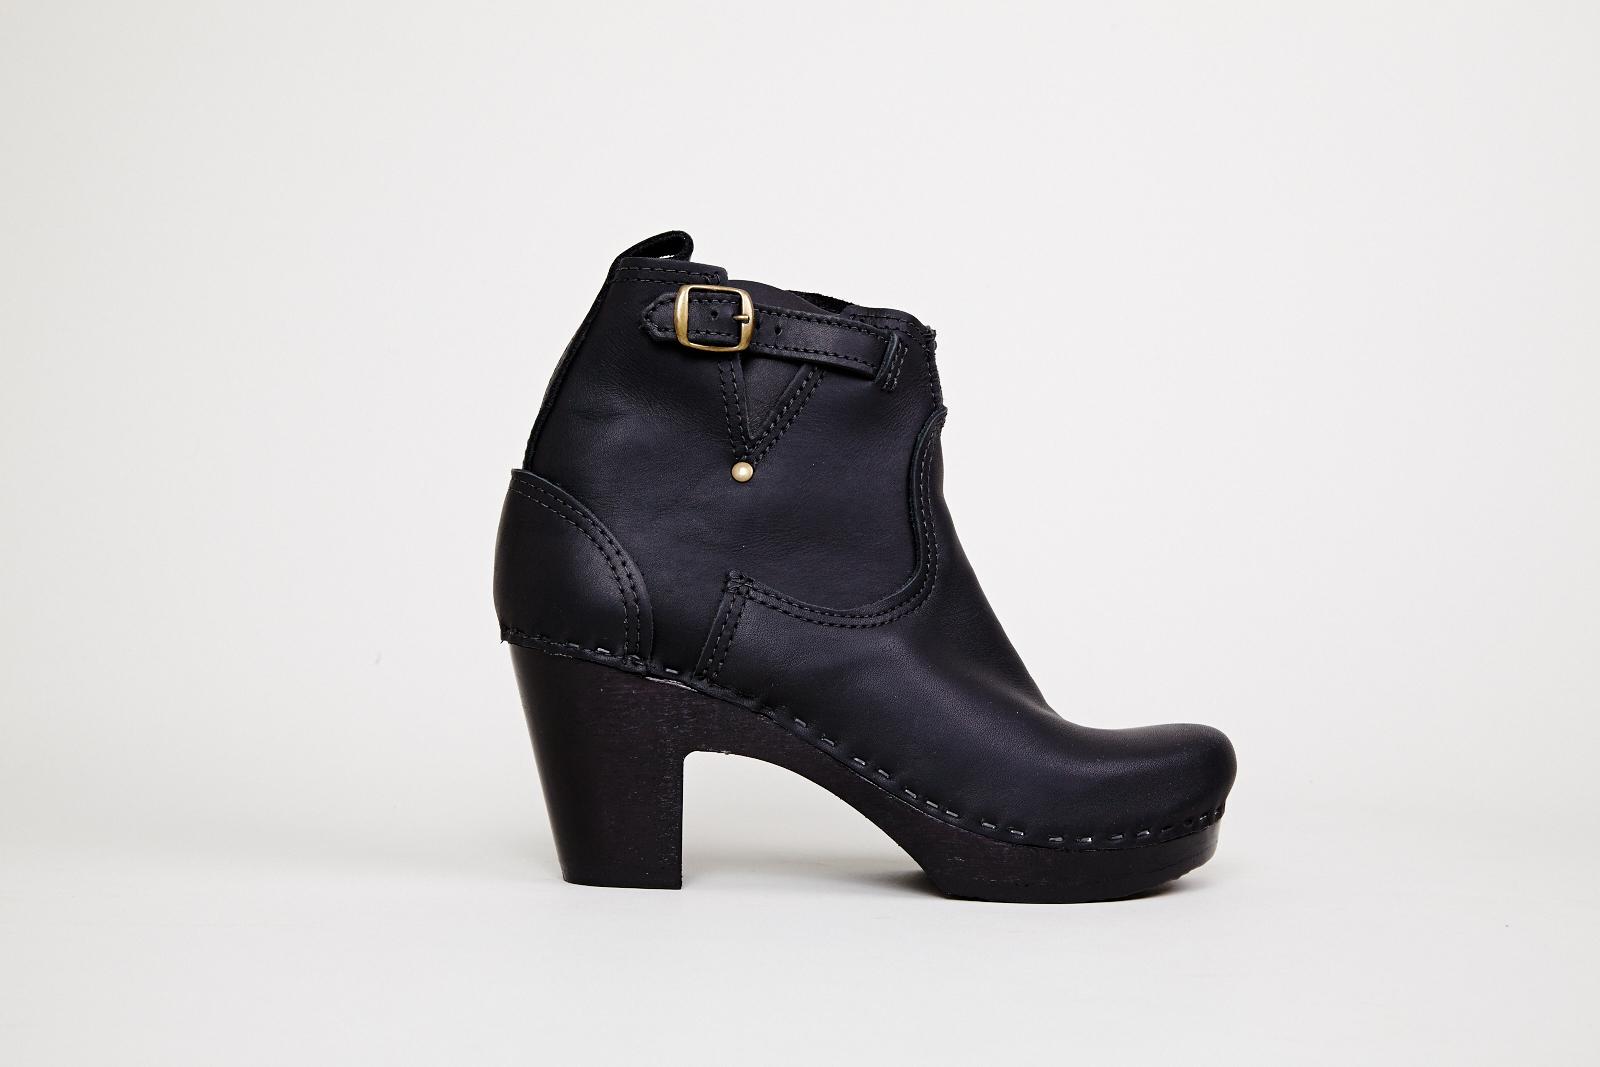 No. 6 High Heel Buckle Boot